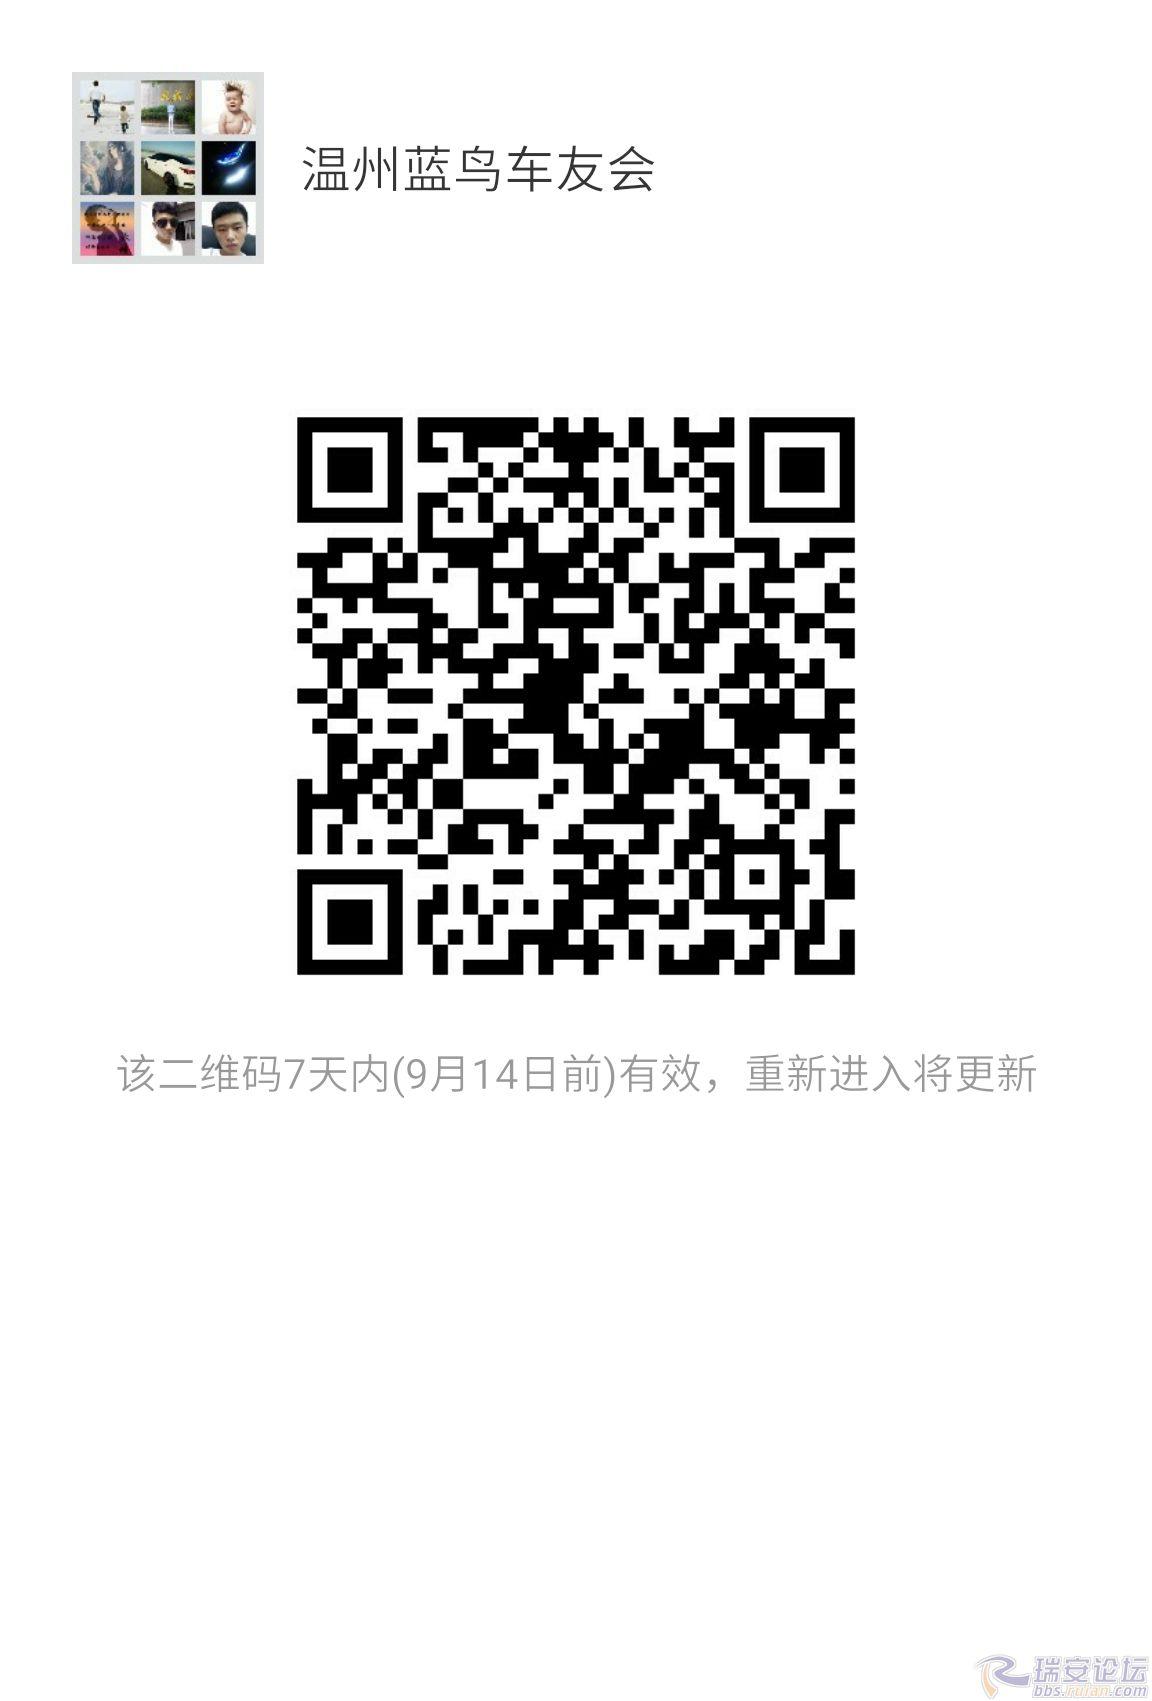 蓝鸟微信群二维码.jpg